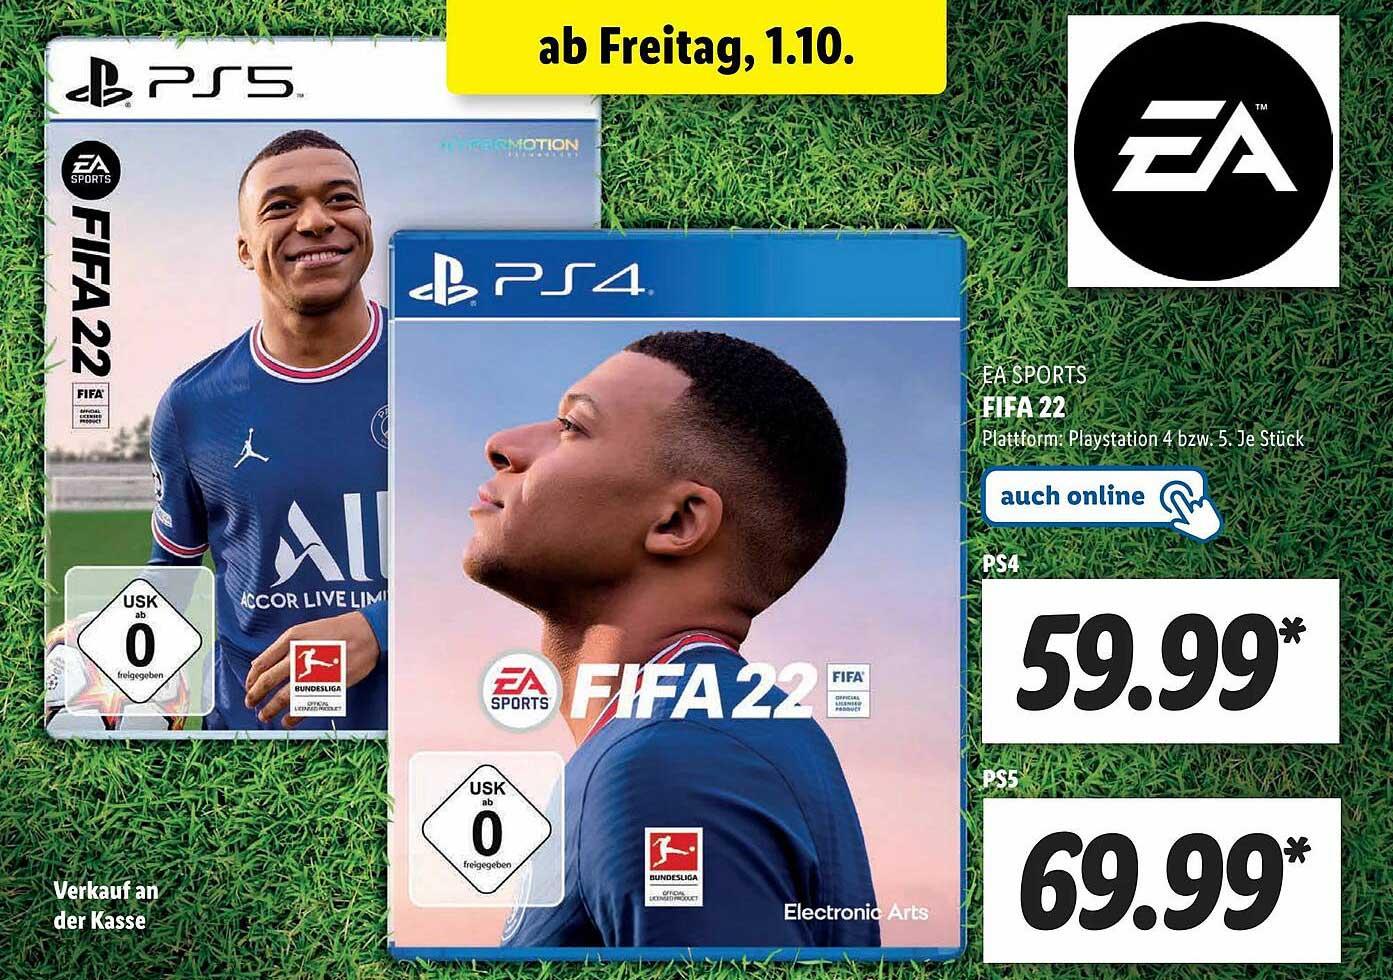 Lidl Fa Sports Fifa 22.